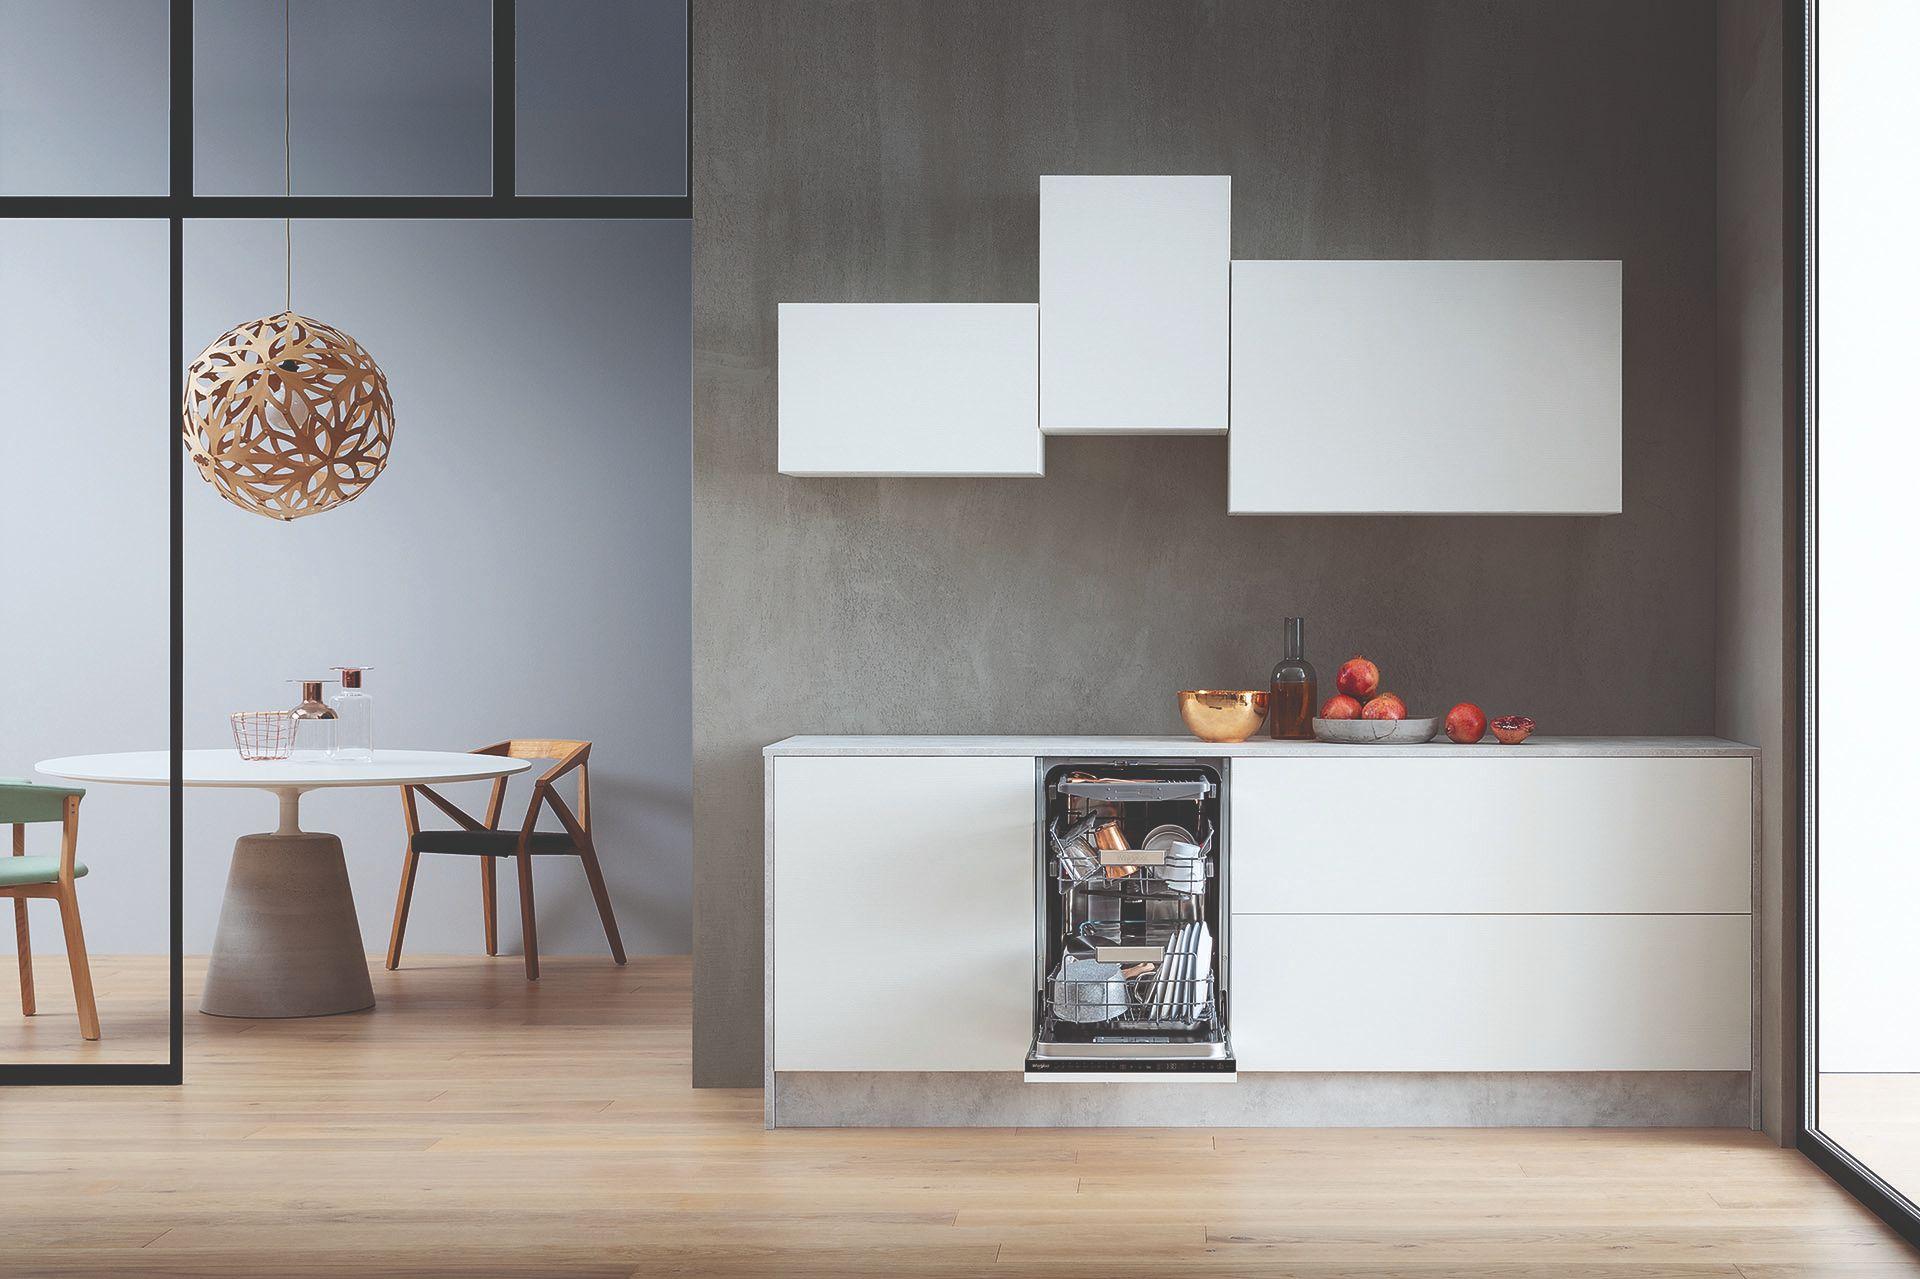 47500 Встраиваемая посудомоечная машина: как выбрать, установить, эксплуатировать